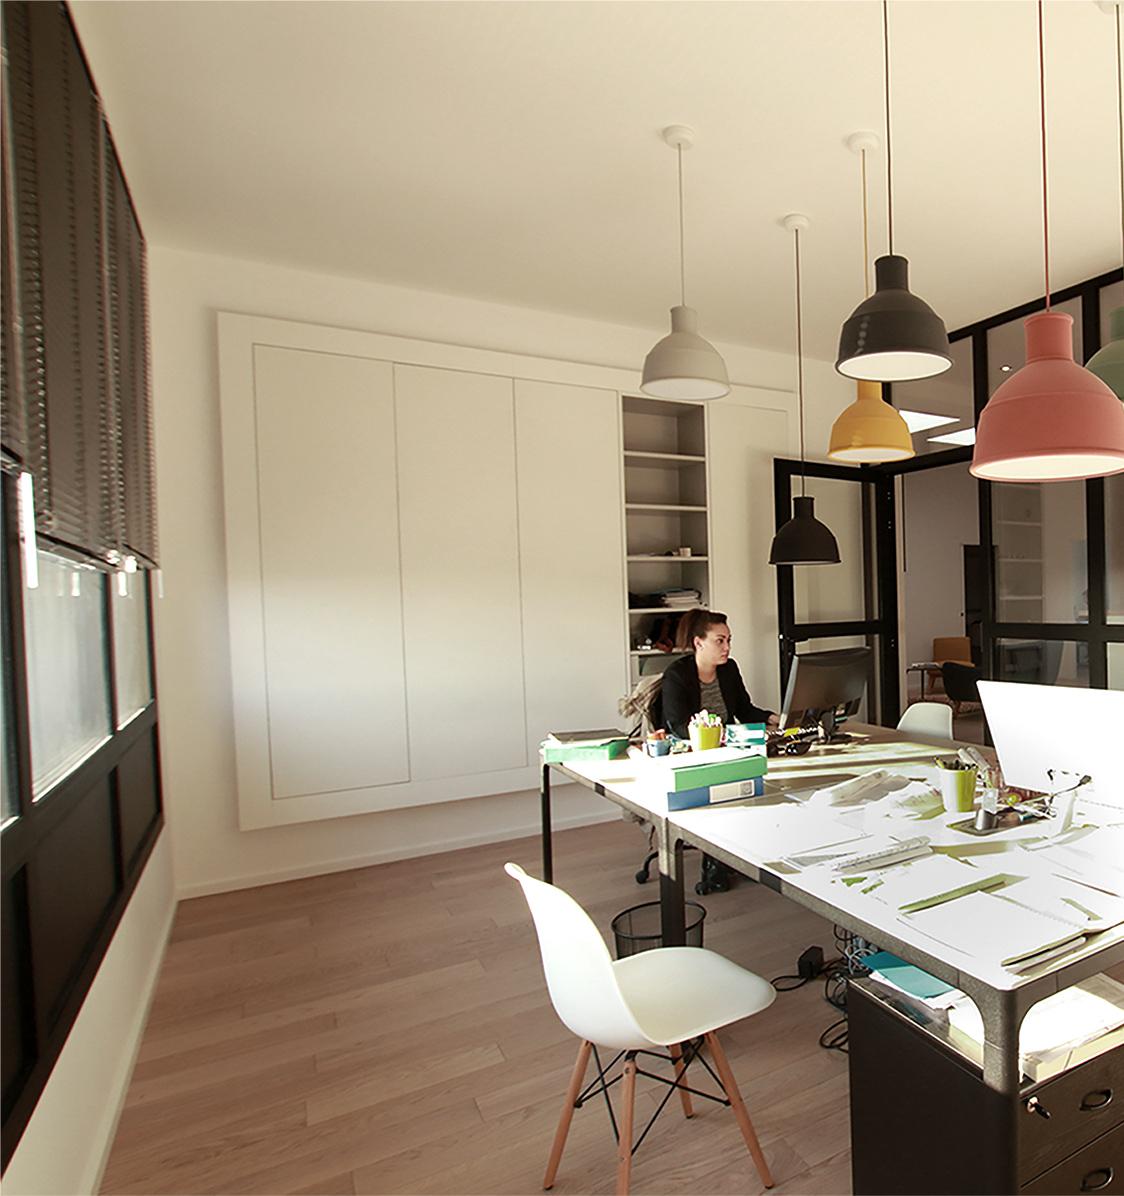 casa habitat constructeur de maison rennes. Black Bedroom Furniture Sets. Home Design Ideas